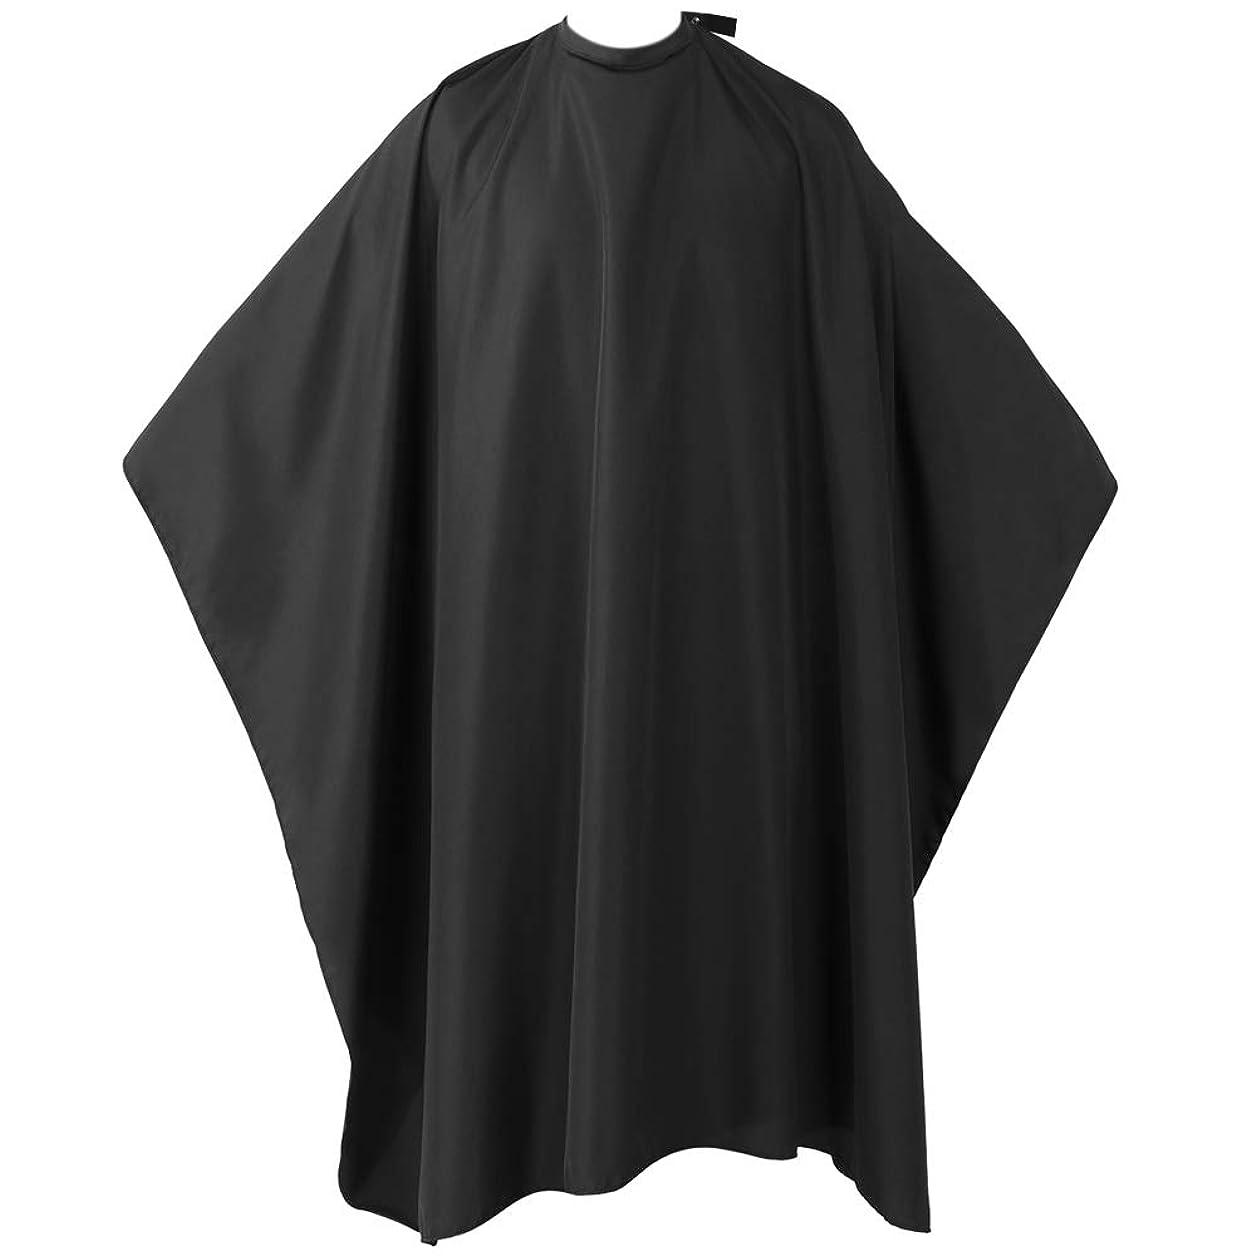 ウェイトレス砂の近傍ヘアーエプロン 散髪マント 散髪ケープ ファミリー理髪 折りたたみ式 防水加工 ヘアスタイリングツール (ブラック)